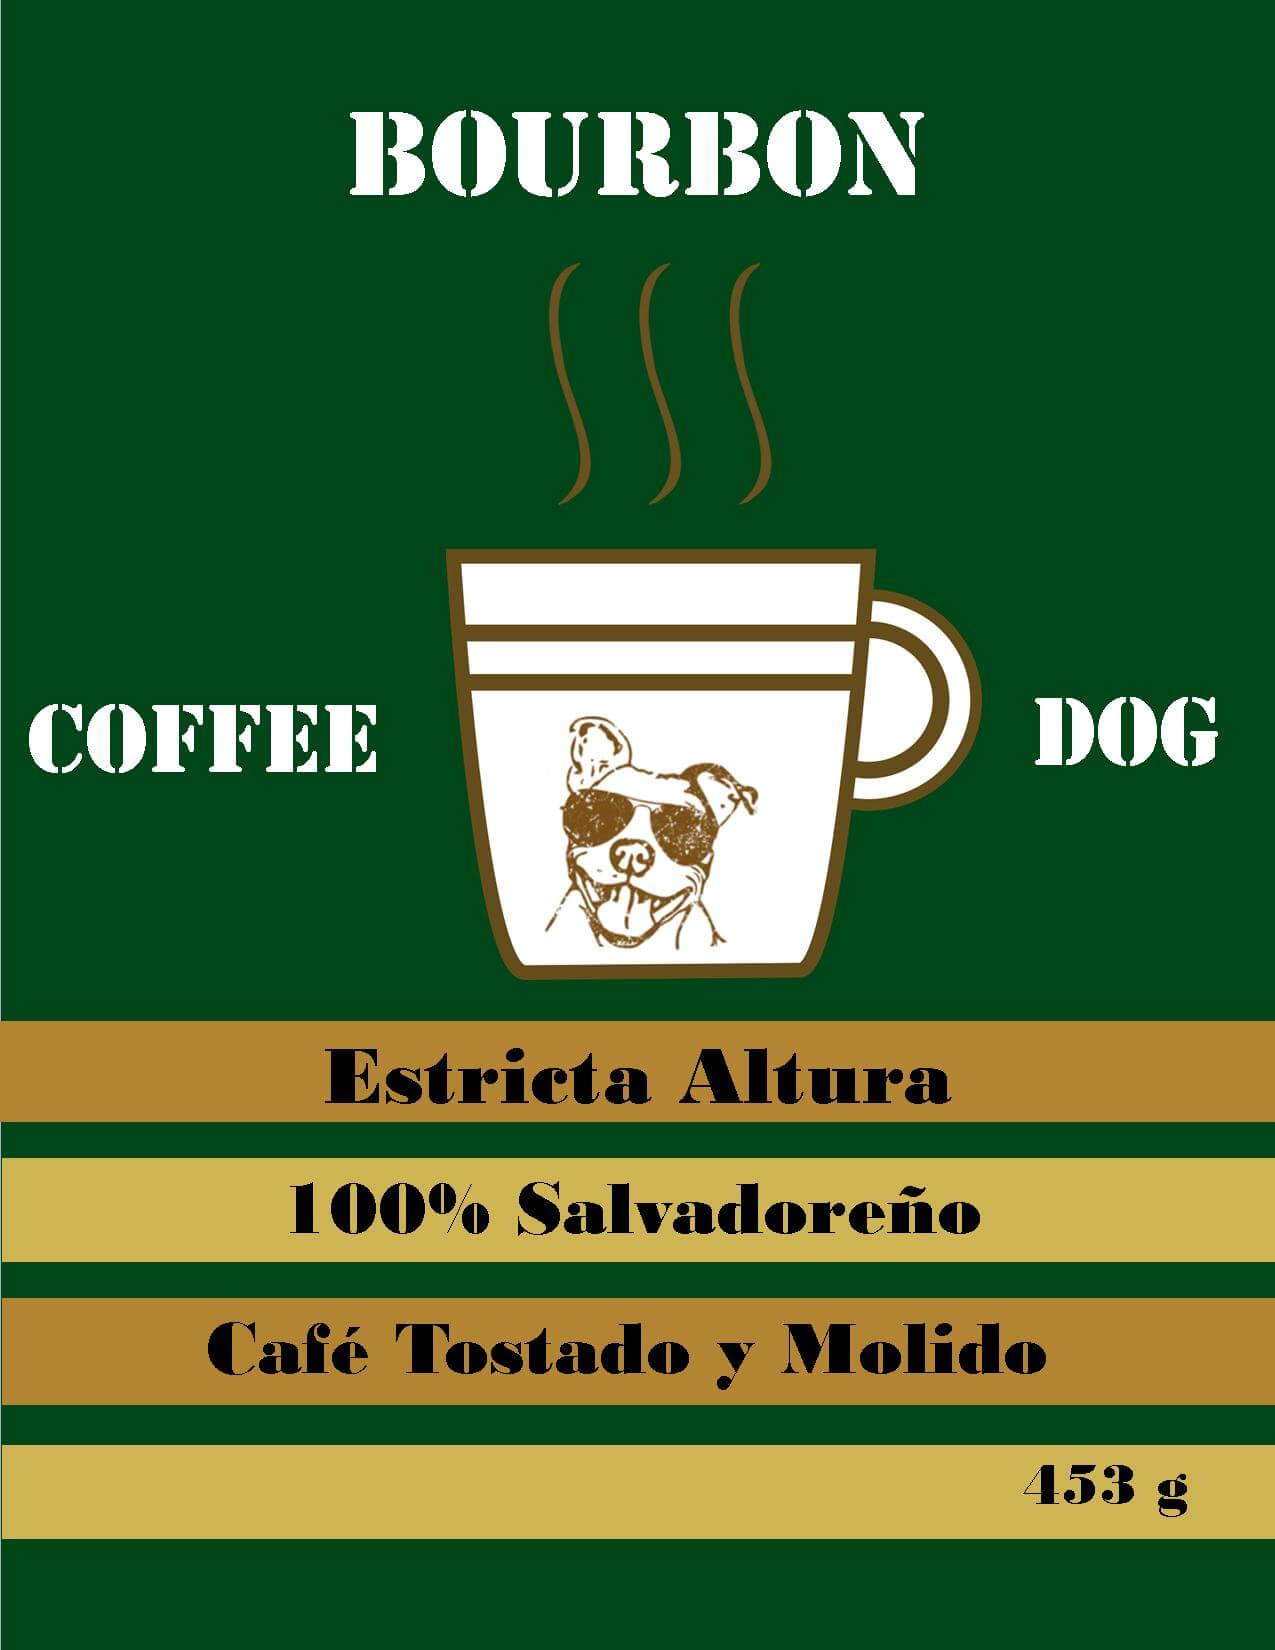 Plan de Digitalización El Salvador. Coffee Dog, logo del café.